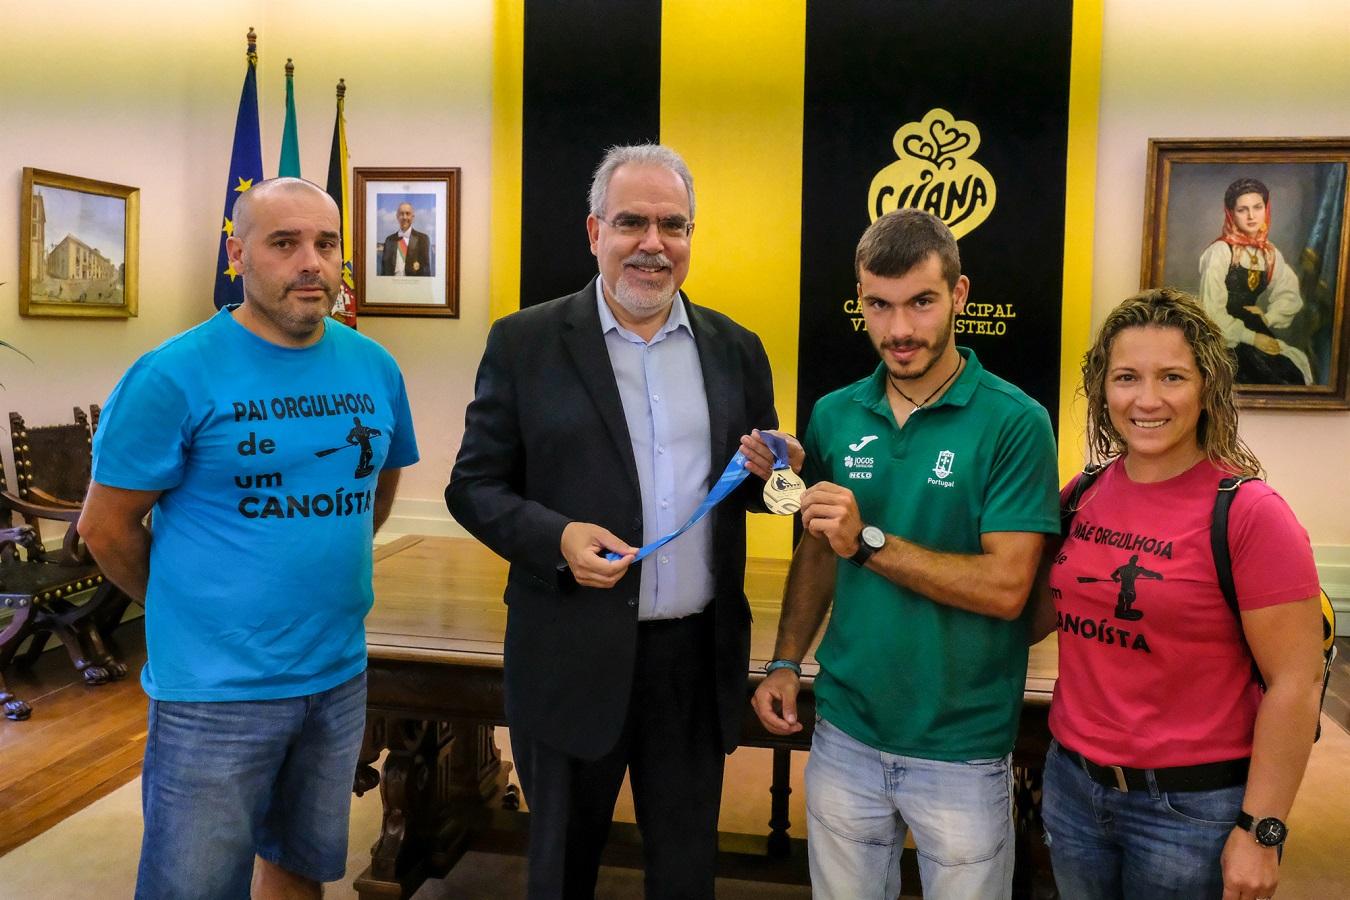 Sérgio Maciel recebido na Câmara Municipal com medalha de Campeão do mundo em C1 Sub 23